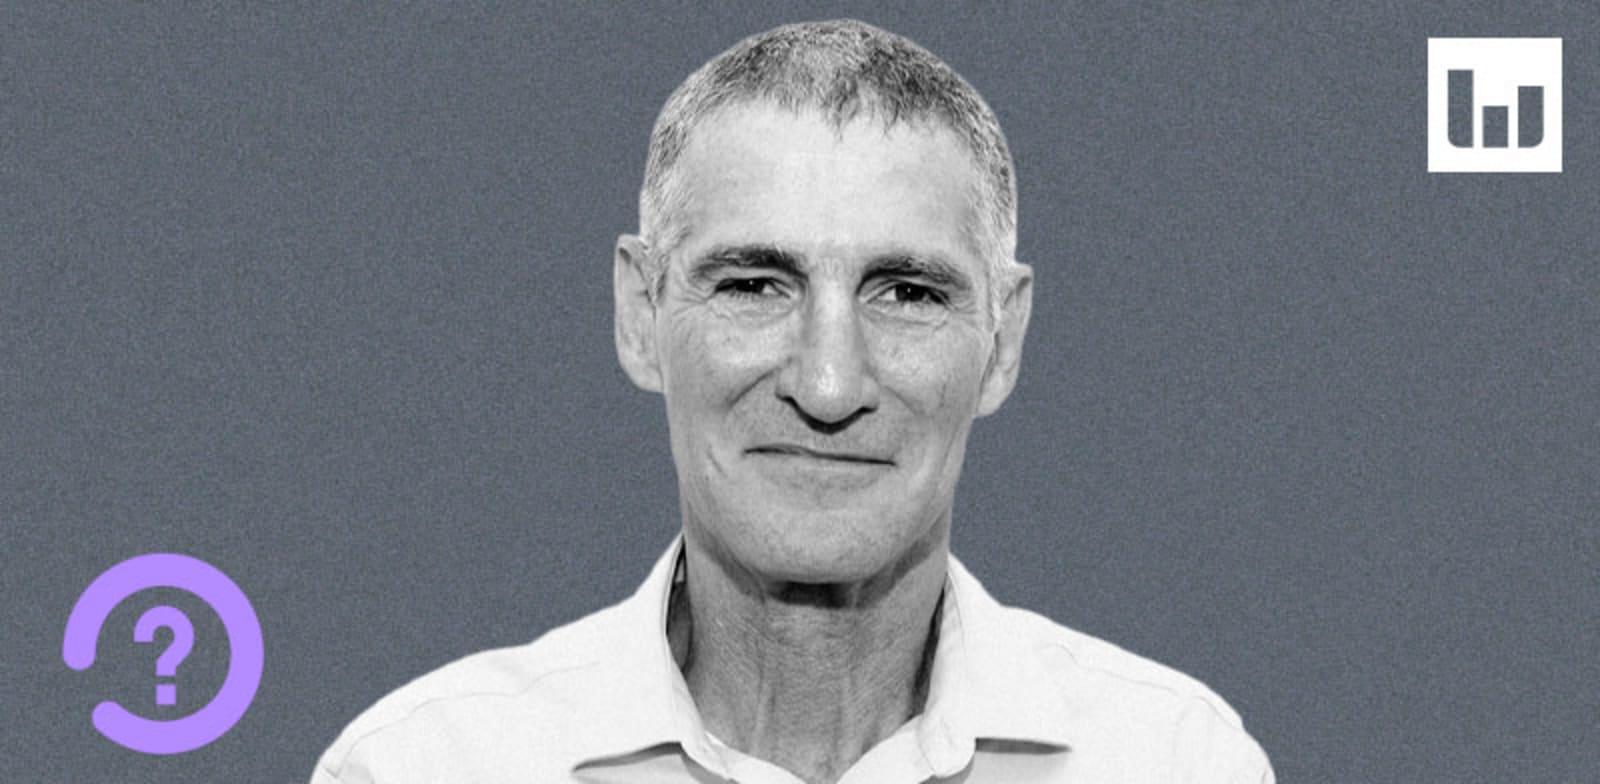 יאיר גולן, מרצ / צילום: כדיה לוי